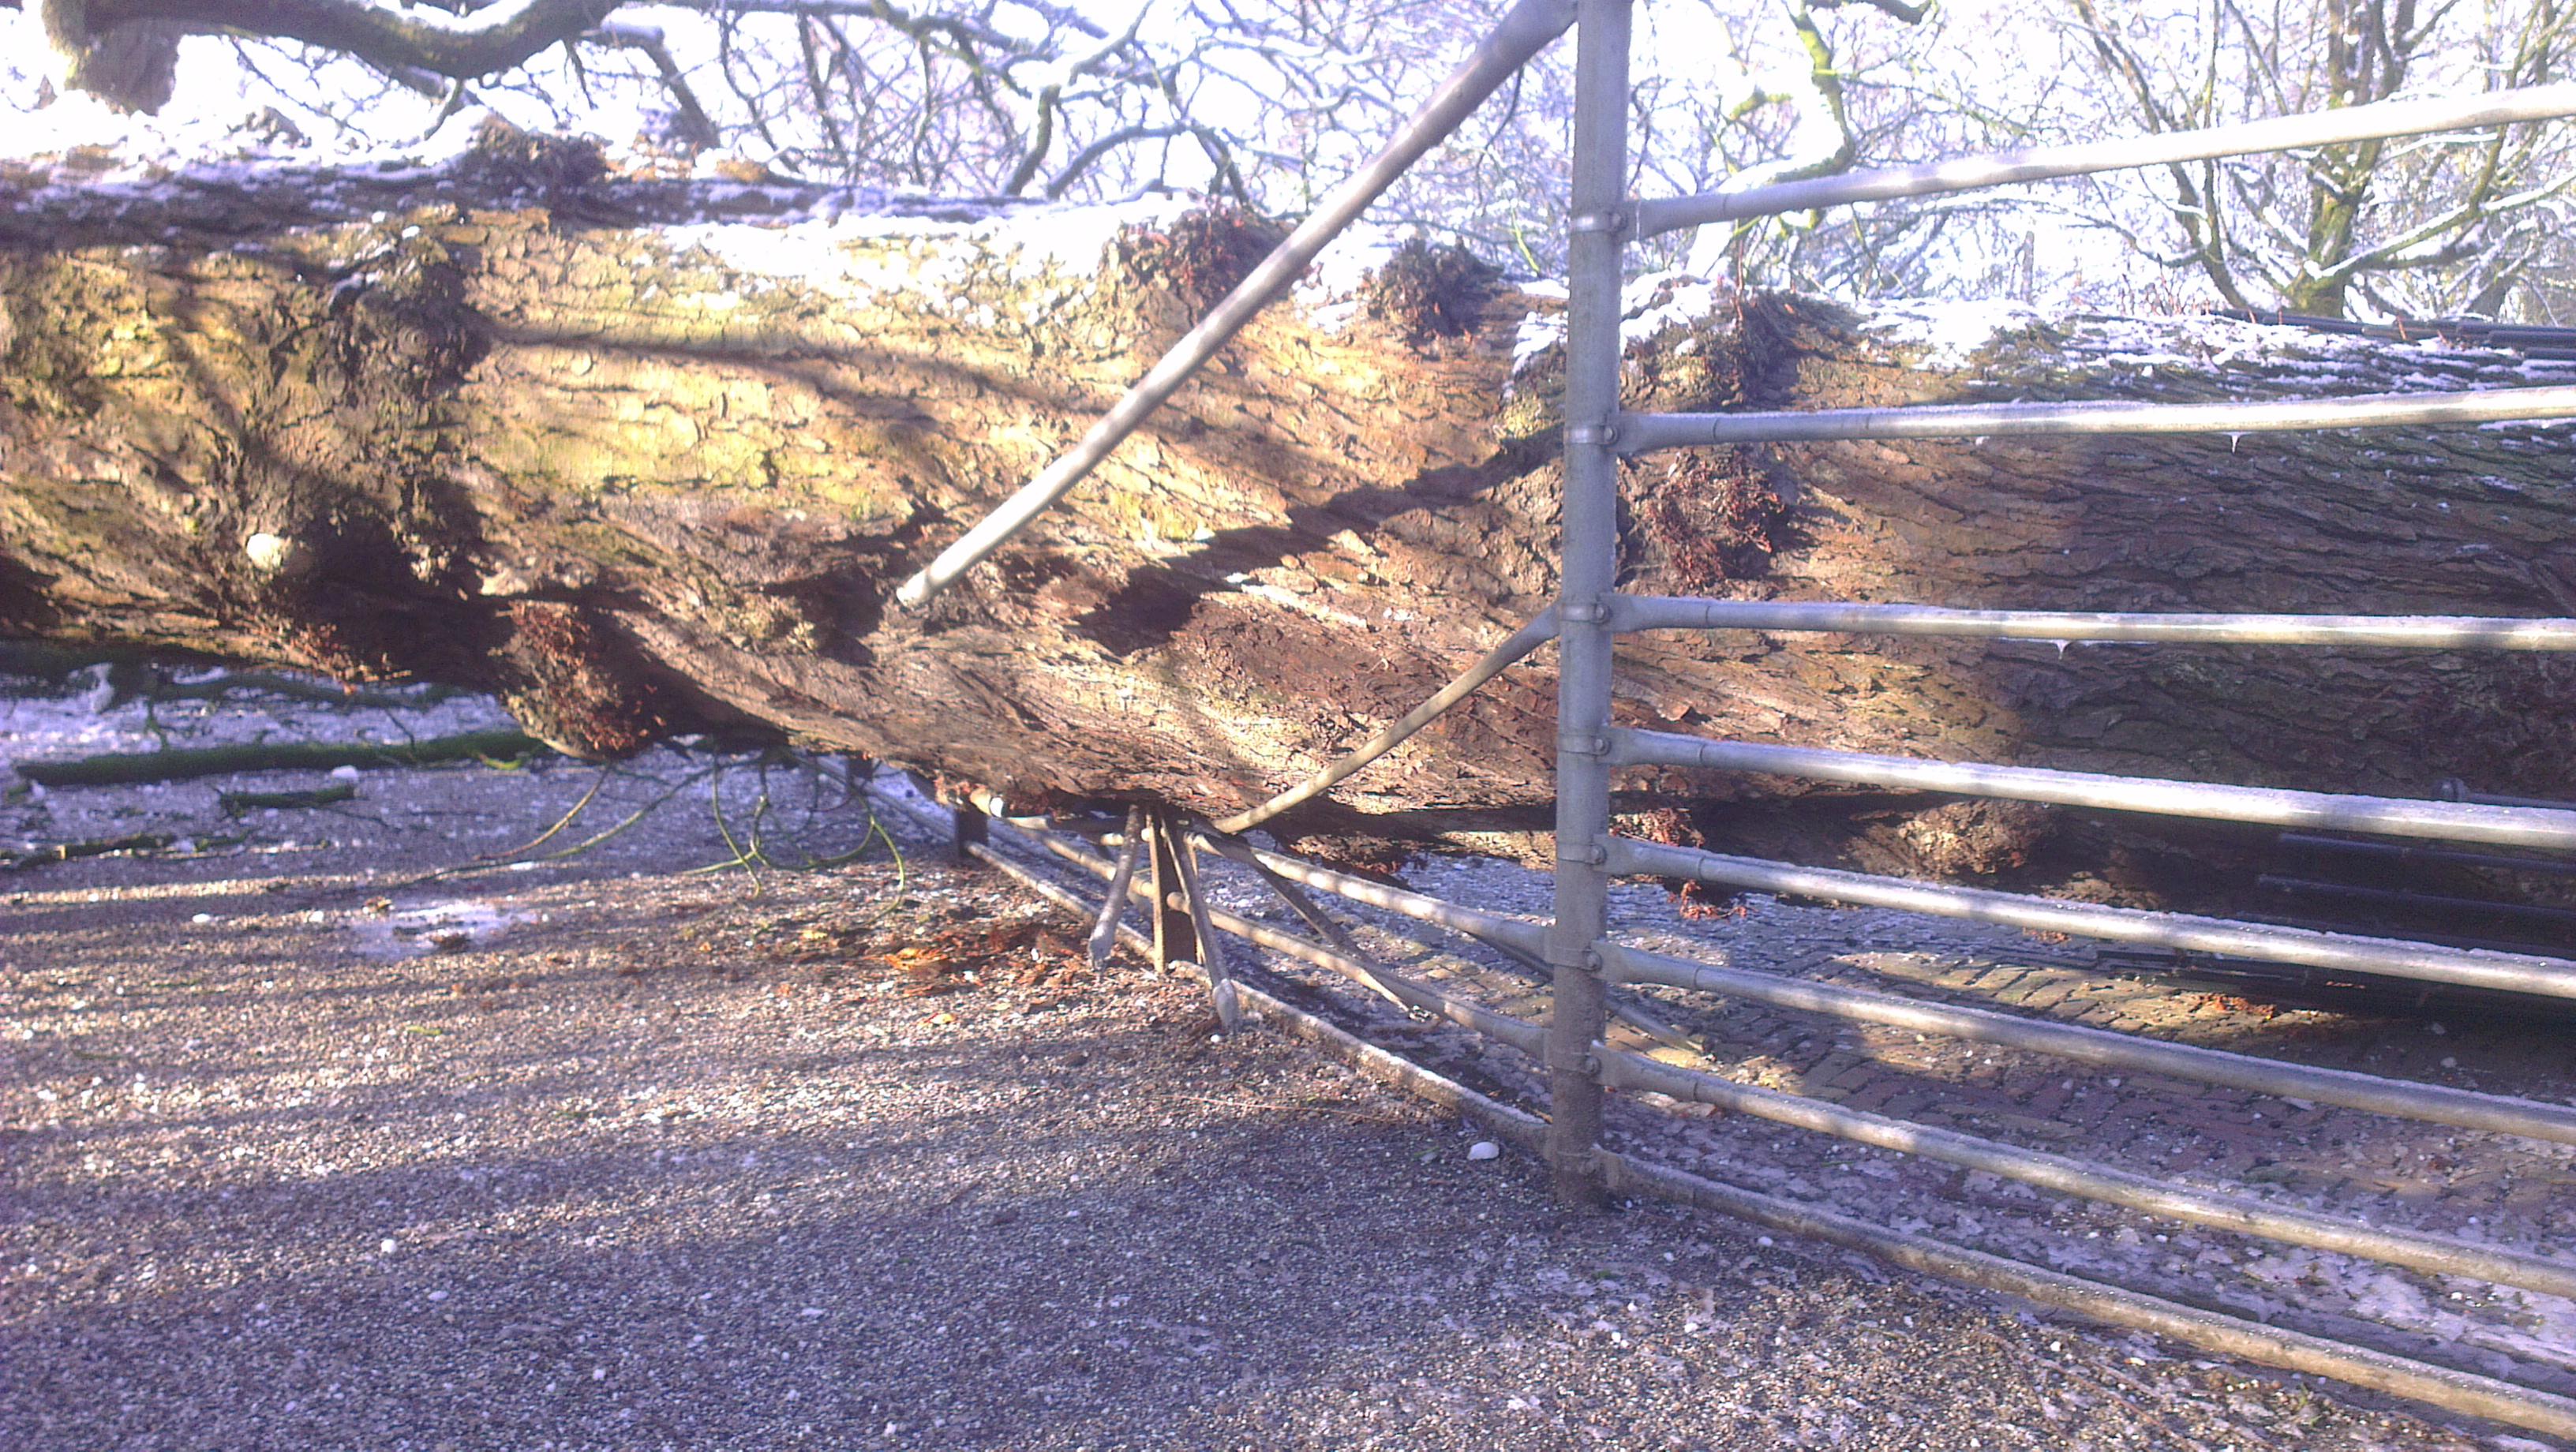 Paardenkastanje (#113) omgevallen door sneeuwval